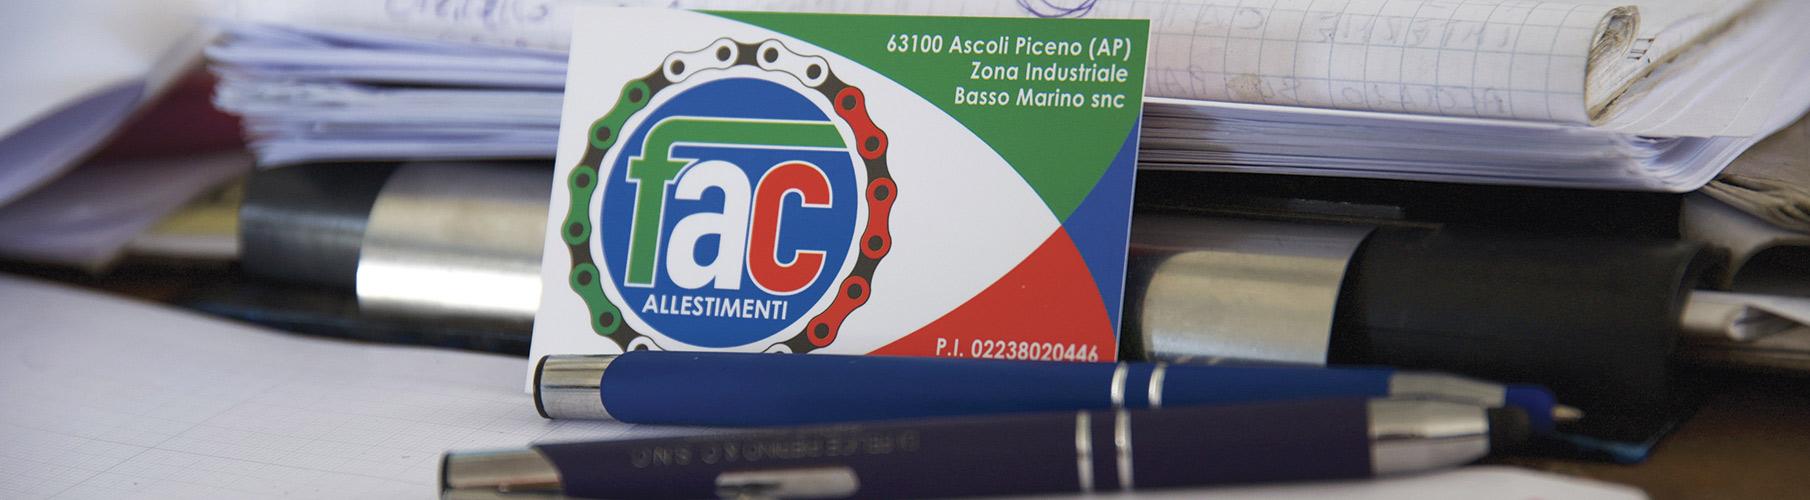 biglietto da visita di Fac Allestimenti